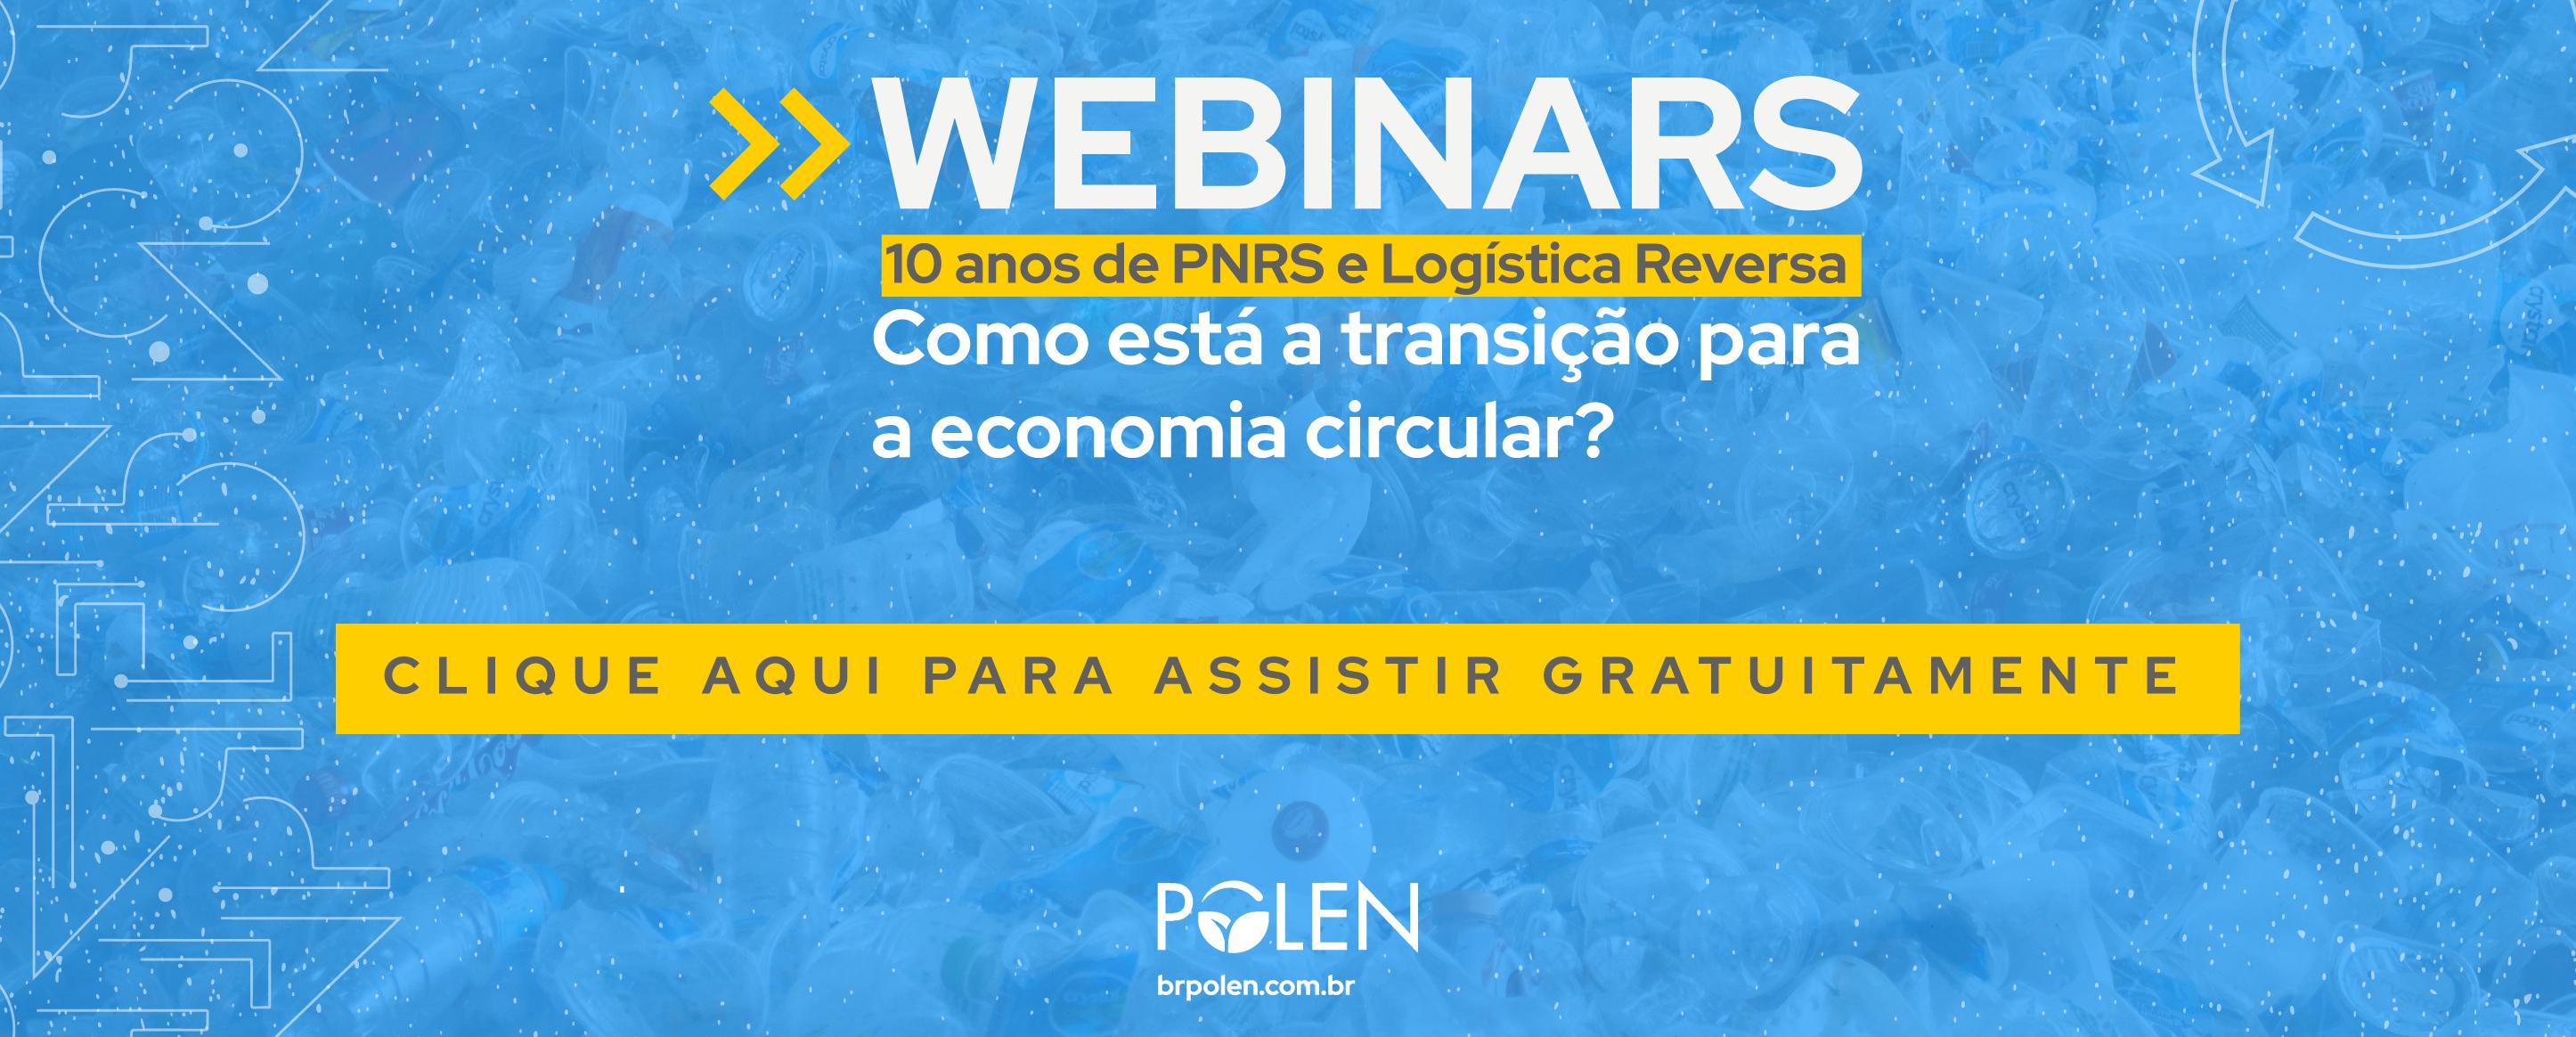 10 anos de PNRS e Logística Reversa: como está a transição para a economia circular?